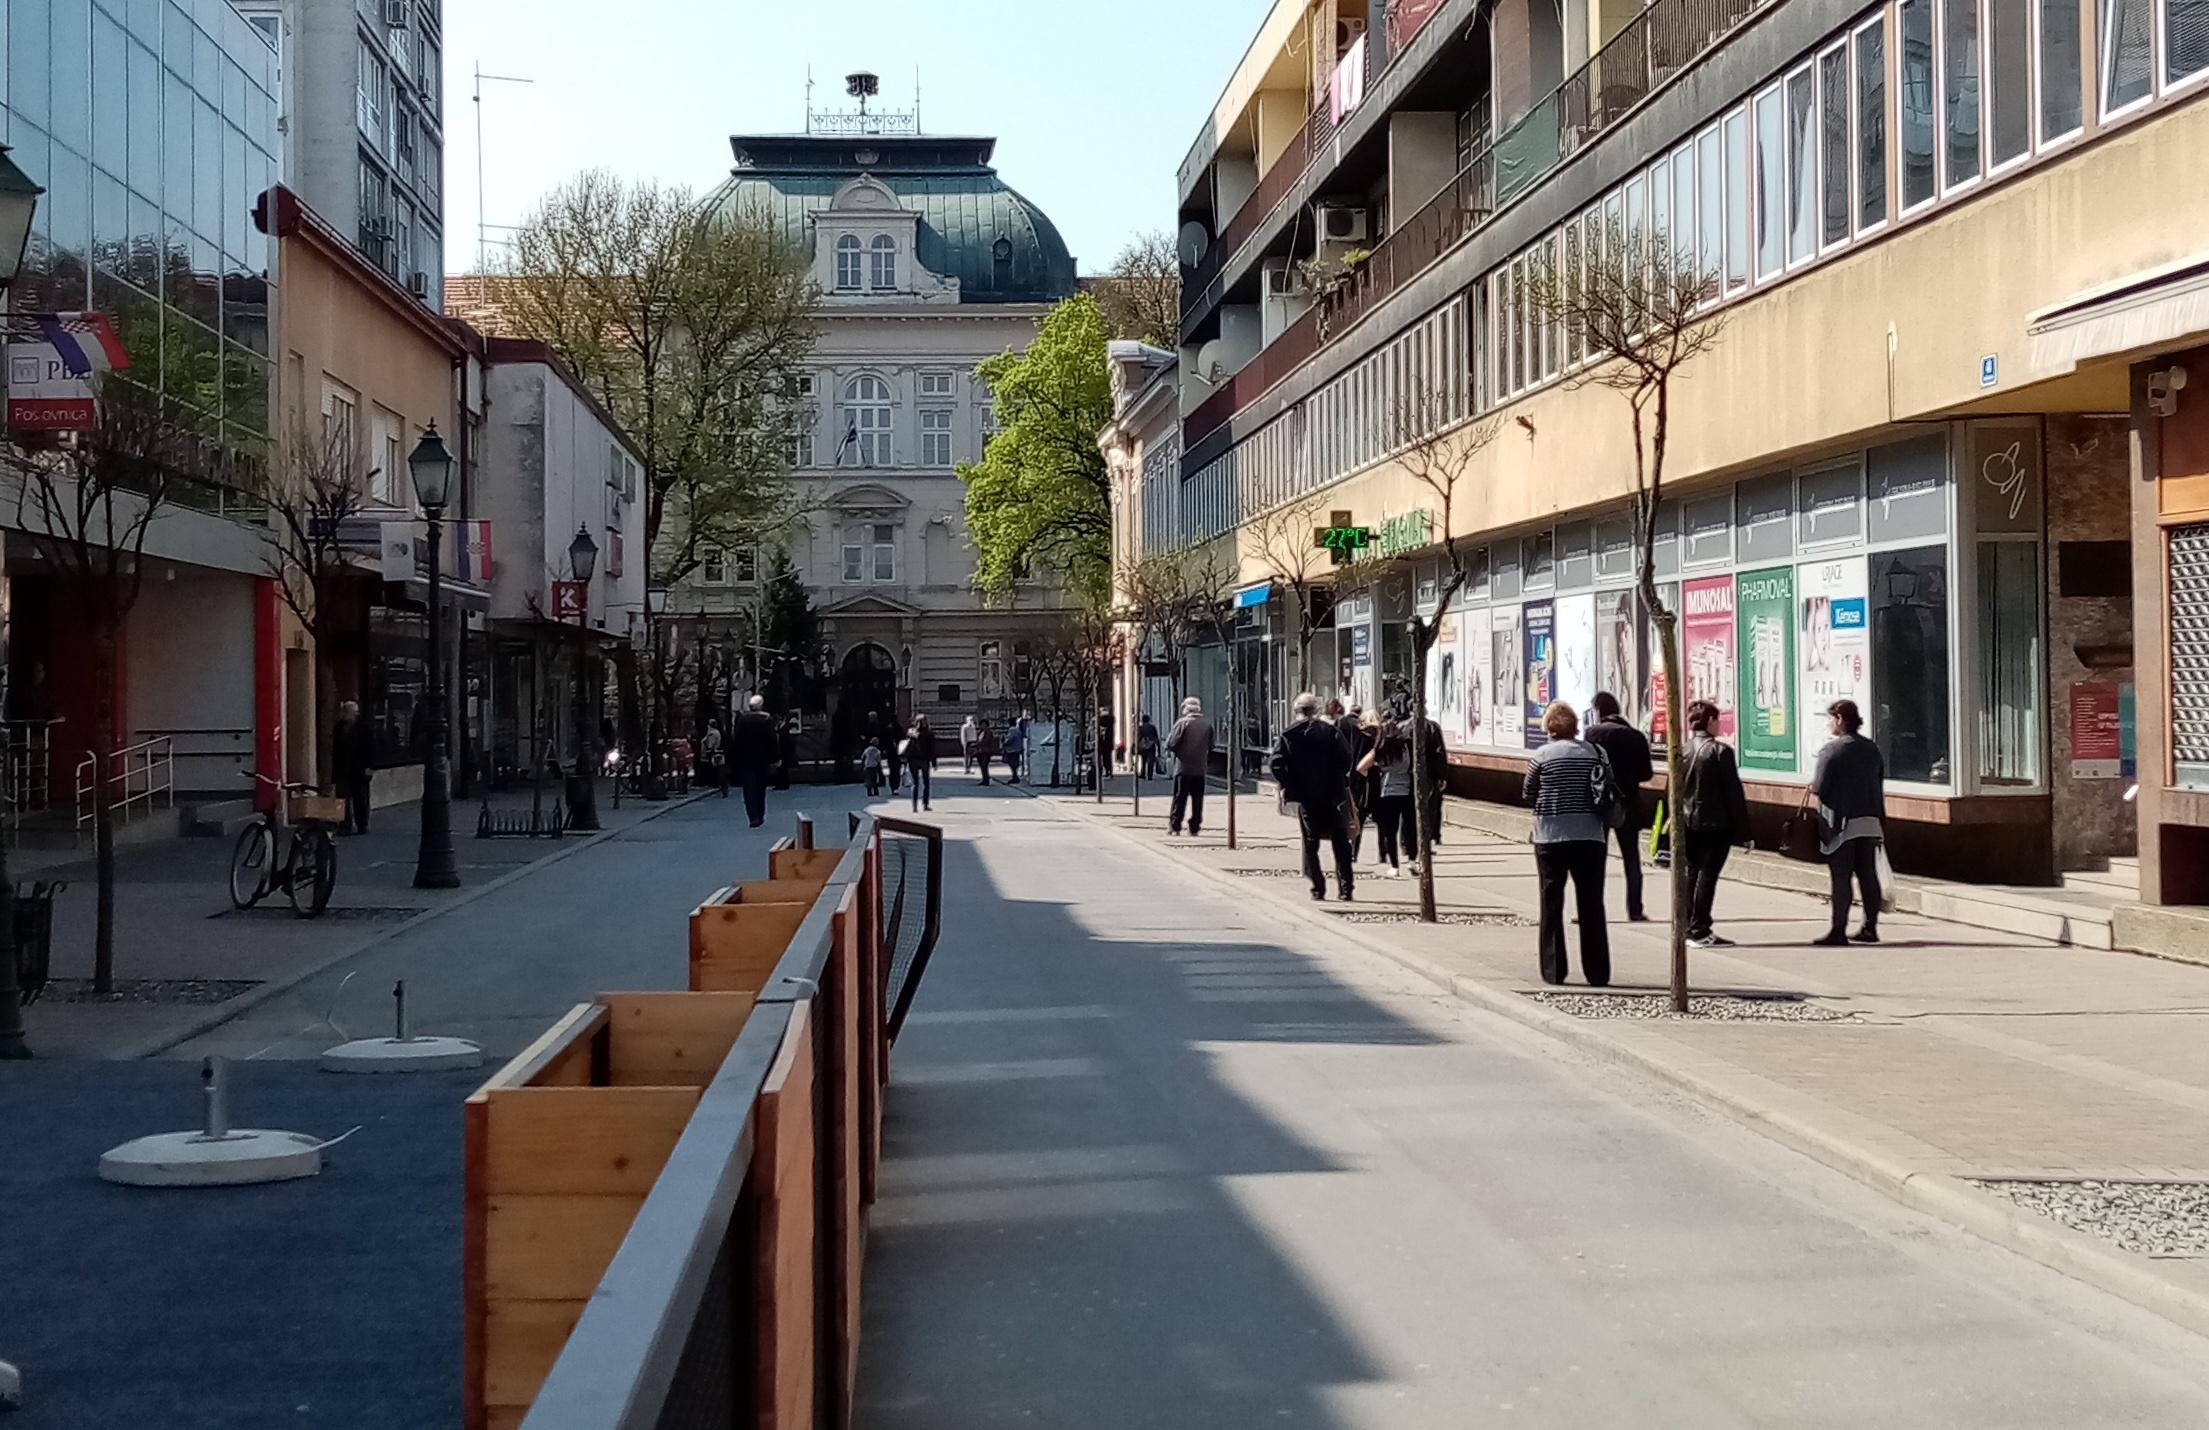 POTVRĐENO Ukinute e-propusnice za Bjelovarsko-bilogorsku županiju